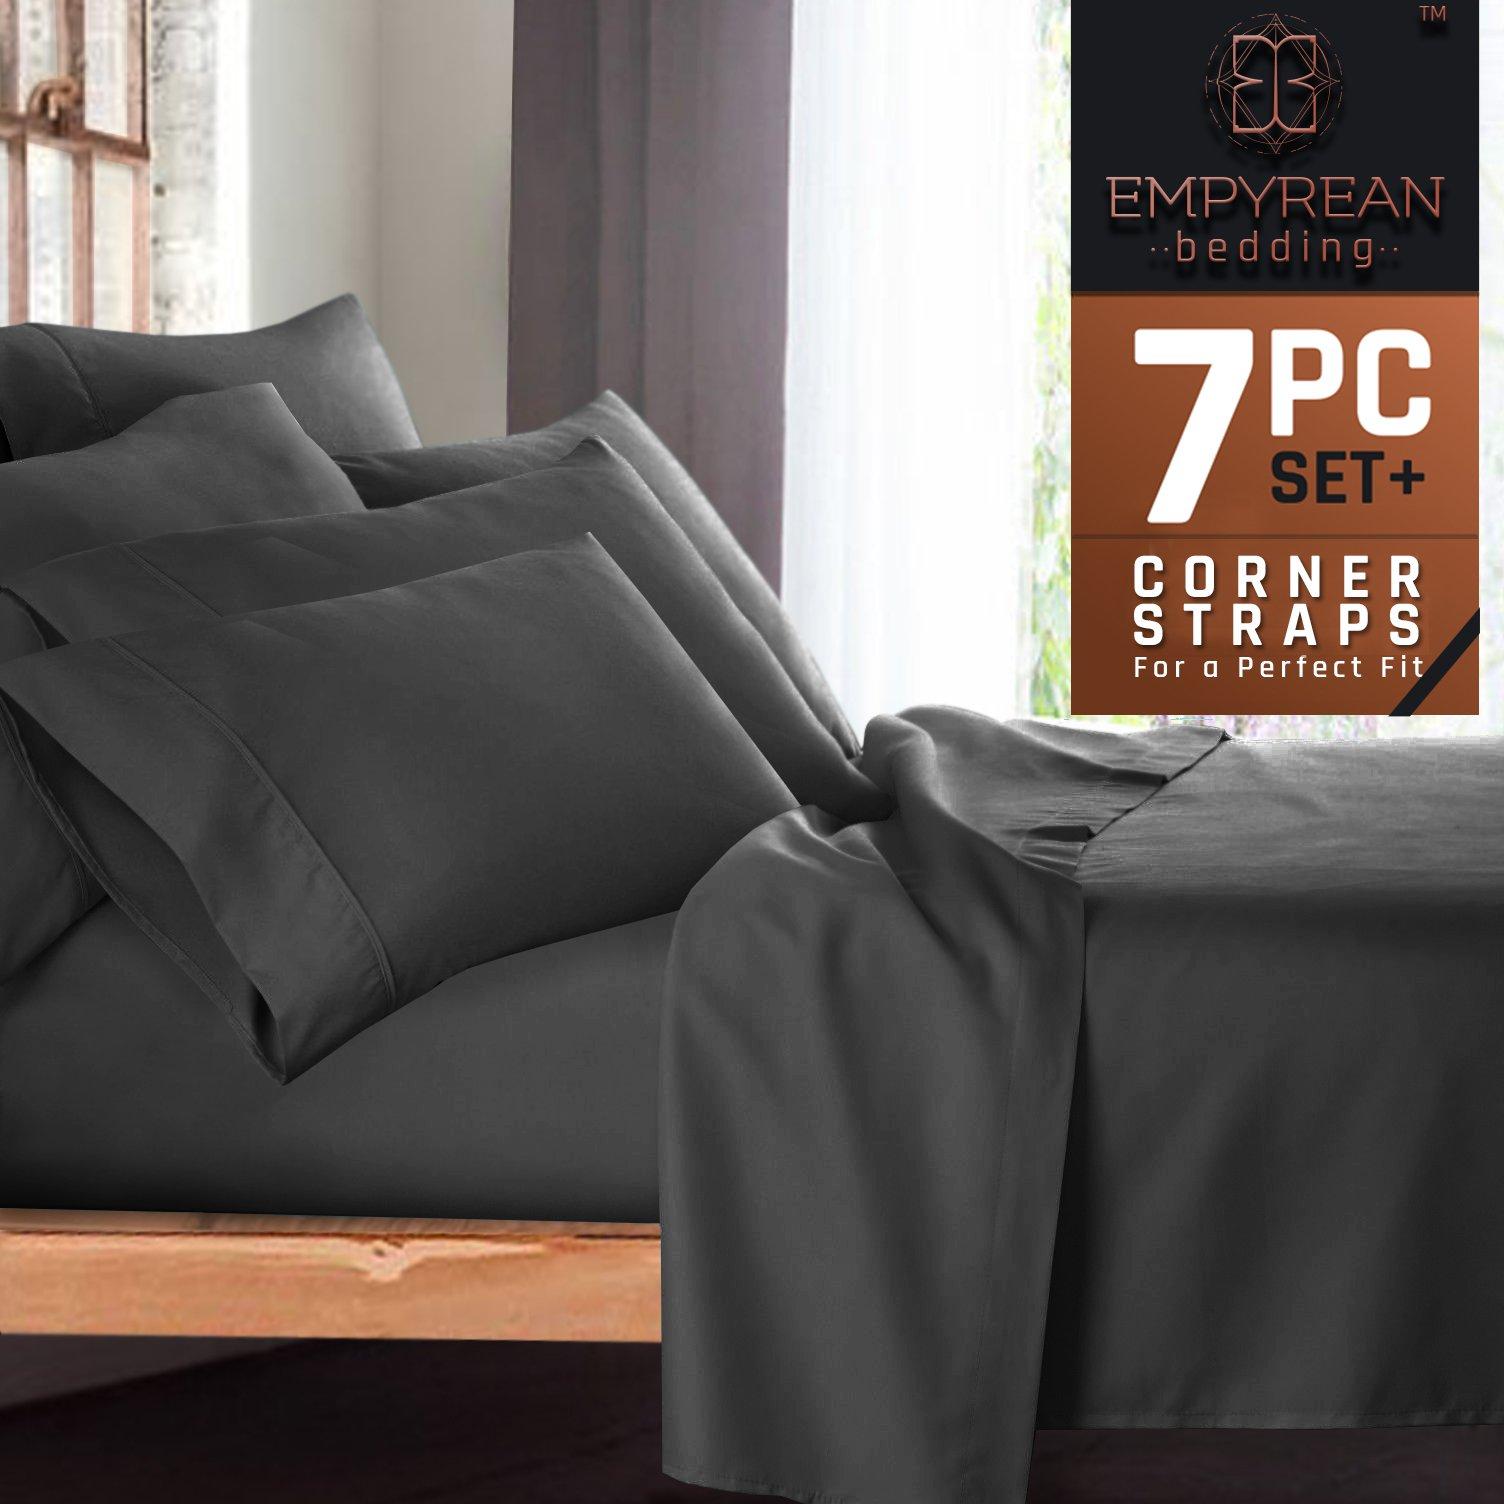 Exceptionnel 7 Pc Split King Size Adjustable Bed Sheets Set Soft Linen Deep Pocket  Charcoal